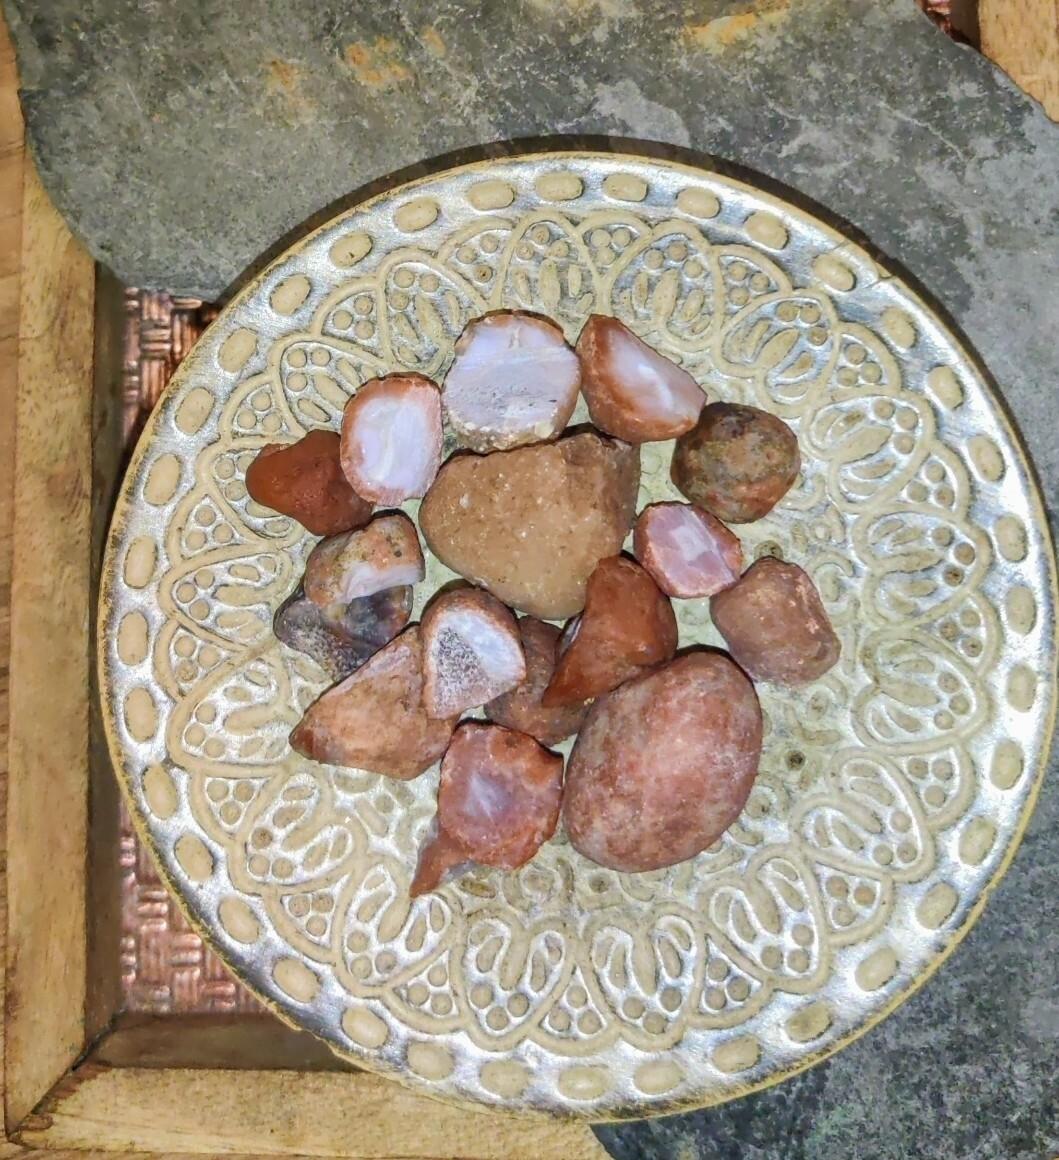 Carnelian nodule geodes